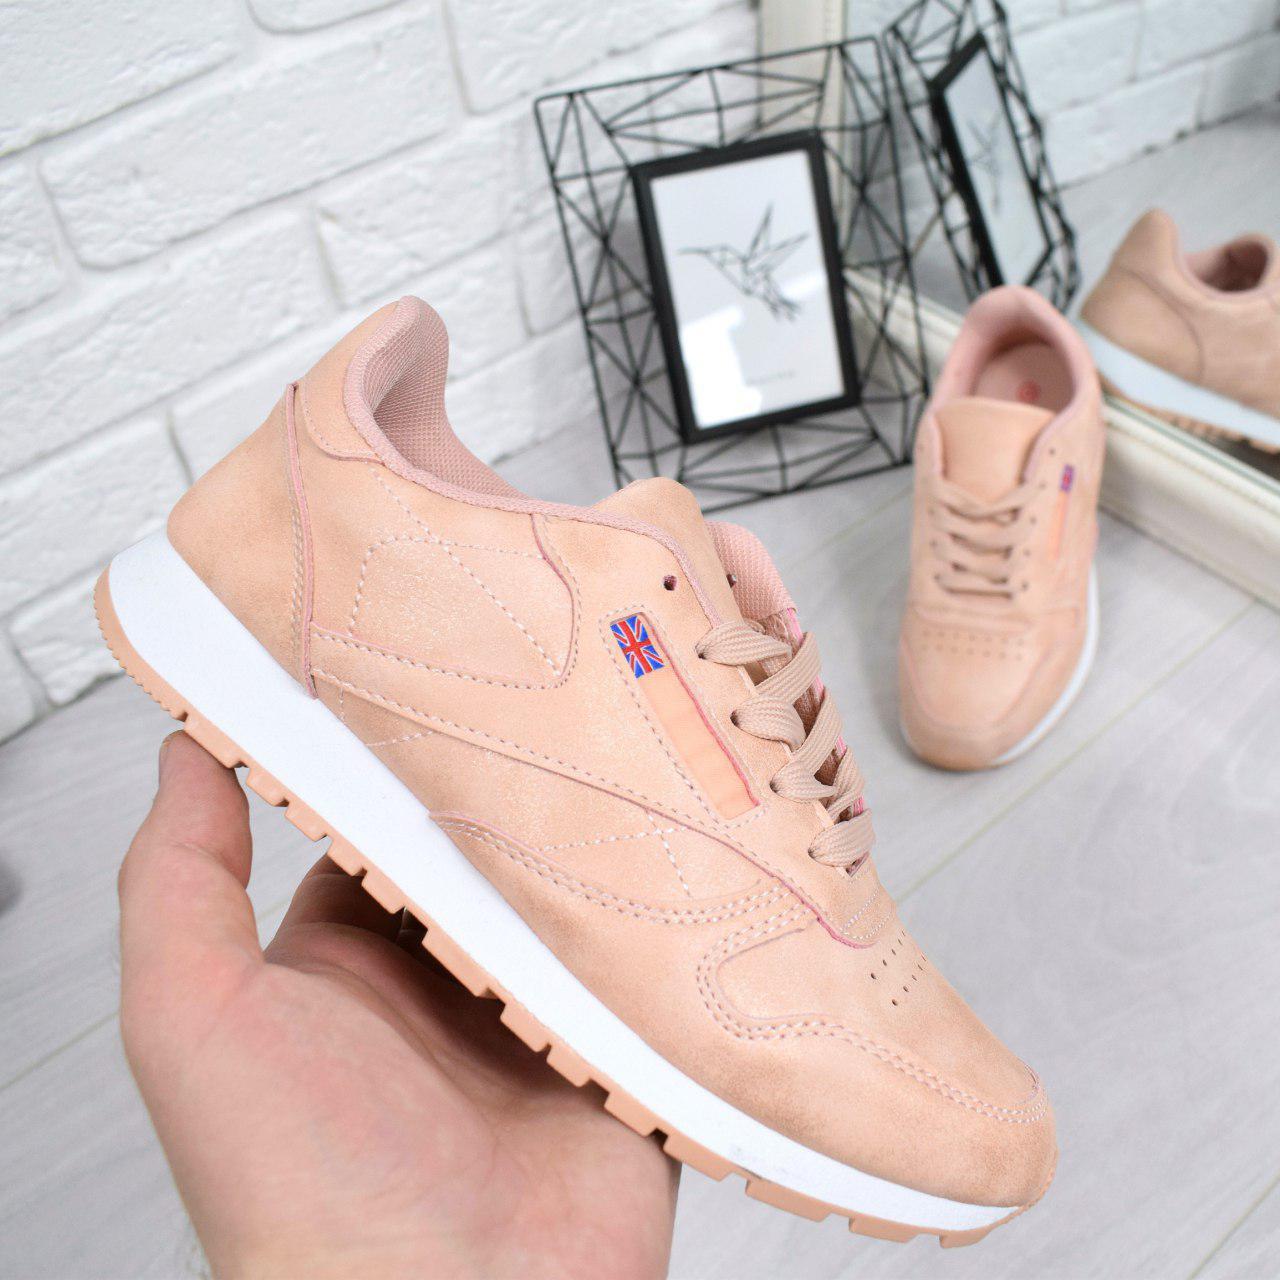 """Кроссовки, кеды, мокасины женские под бренд """"Rbk"""" обувь спортивная из эко кожи"""